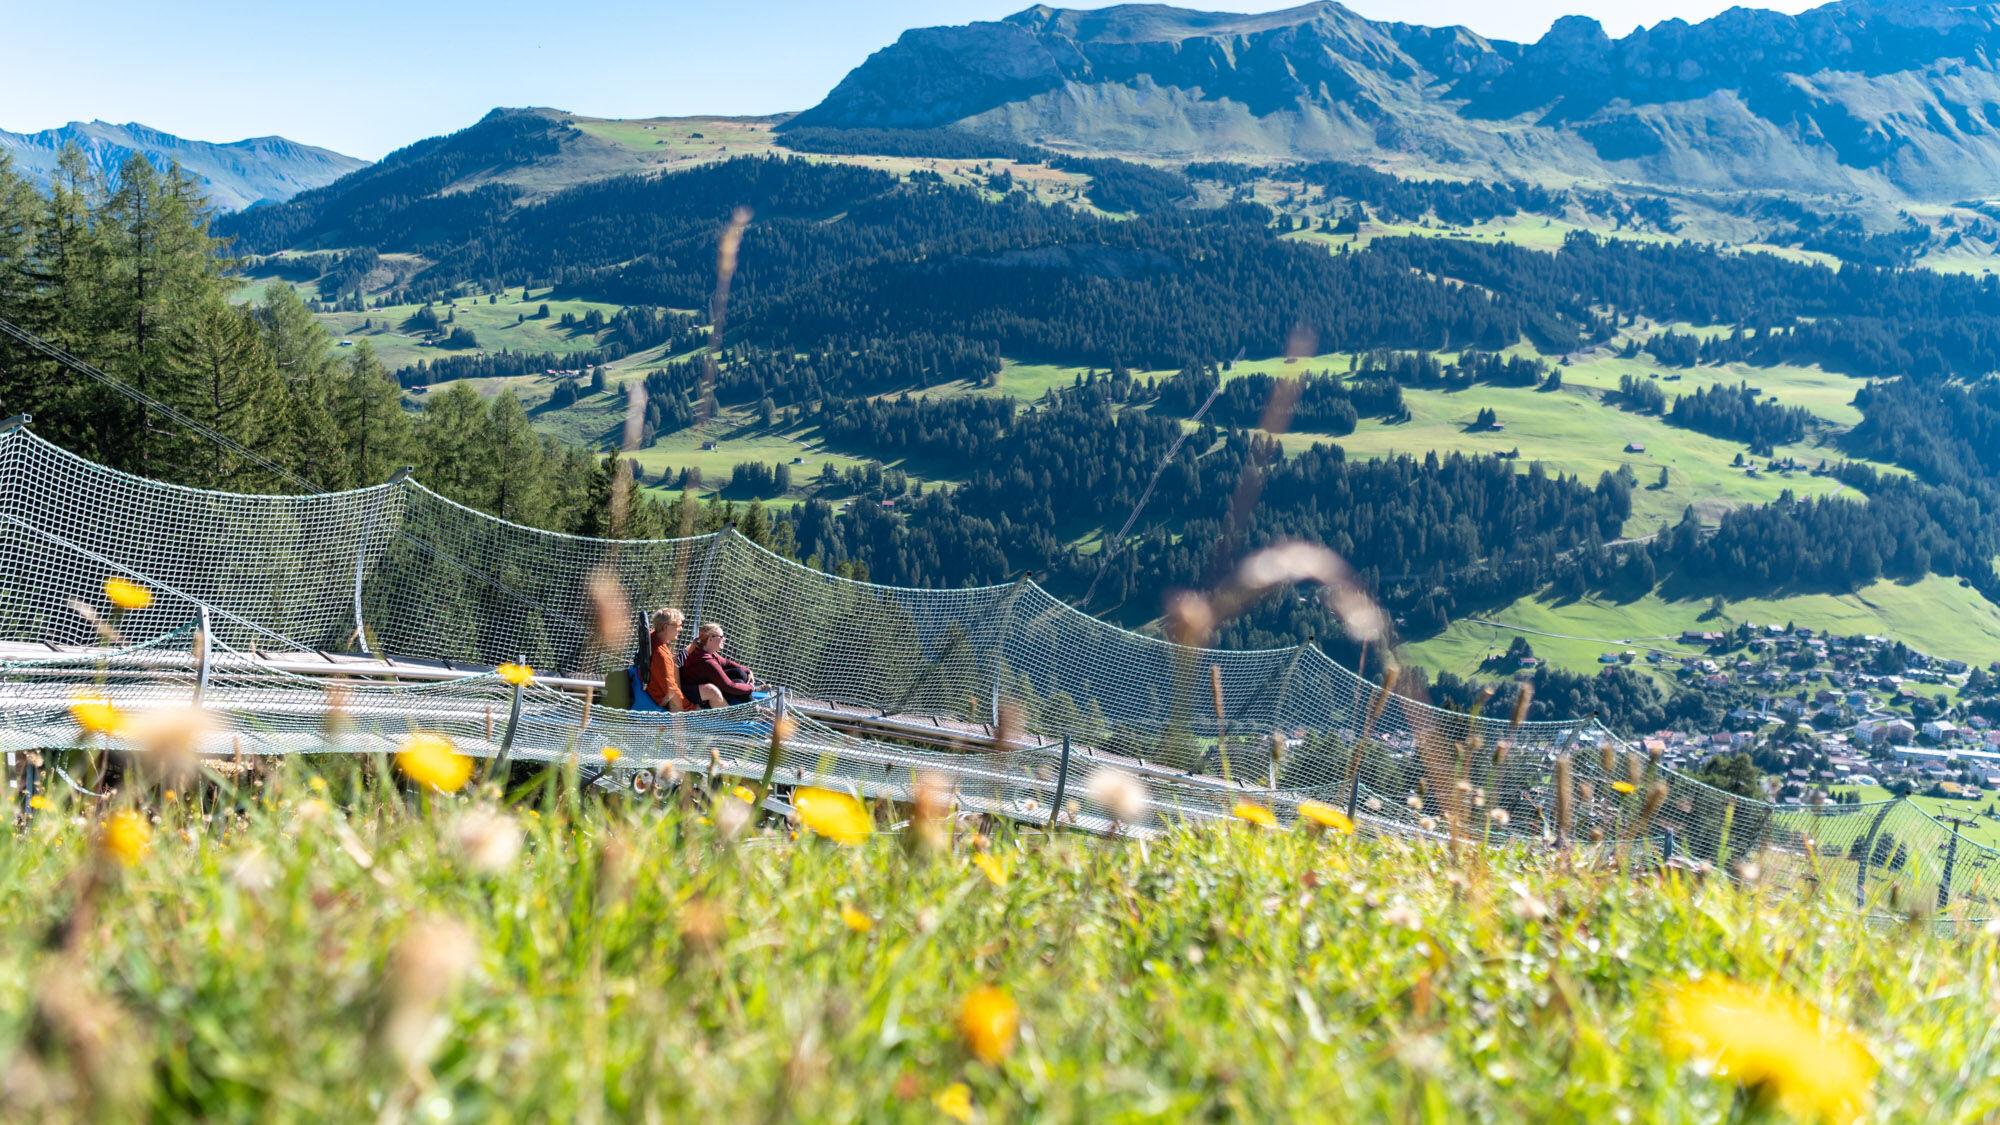 Rodelbahn Pradaschier in Churwalden